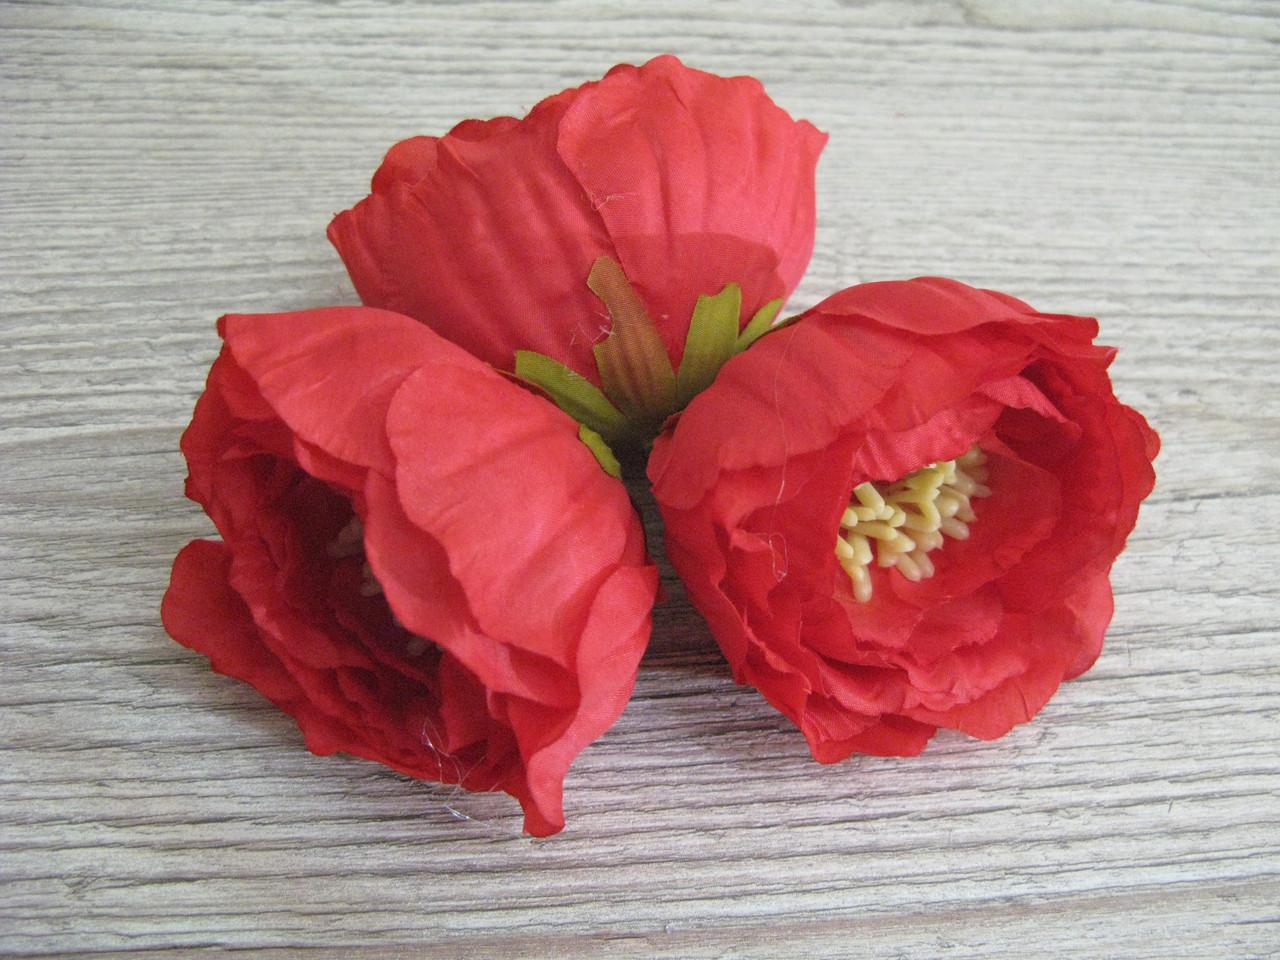 Пионы из ткани с тычинками красная - 6 см